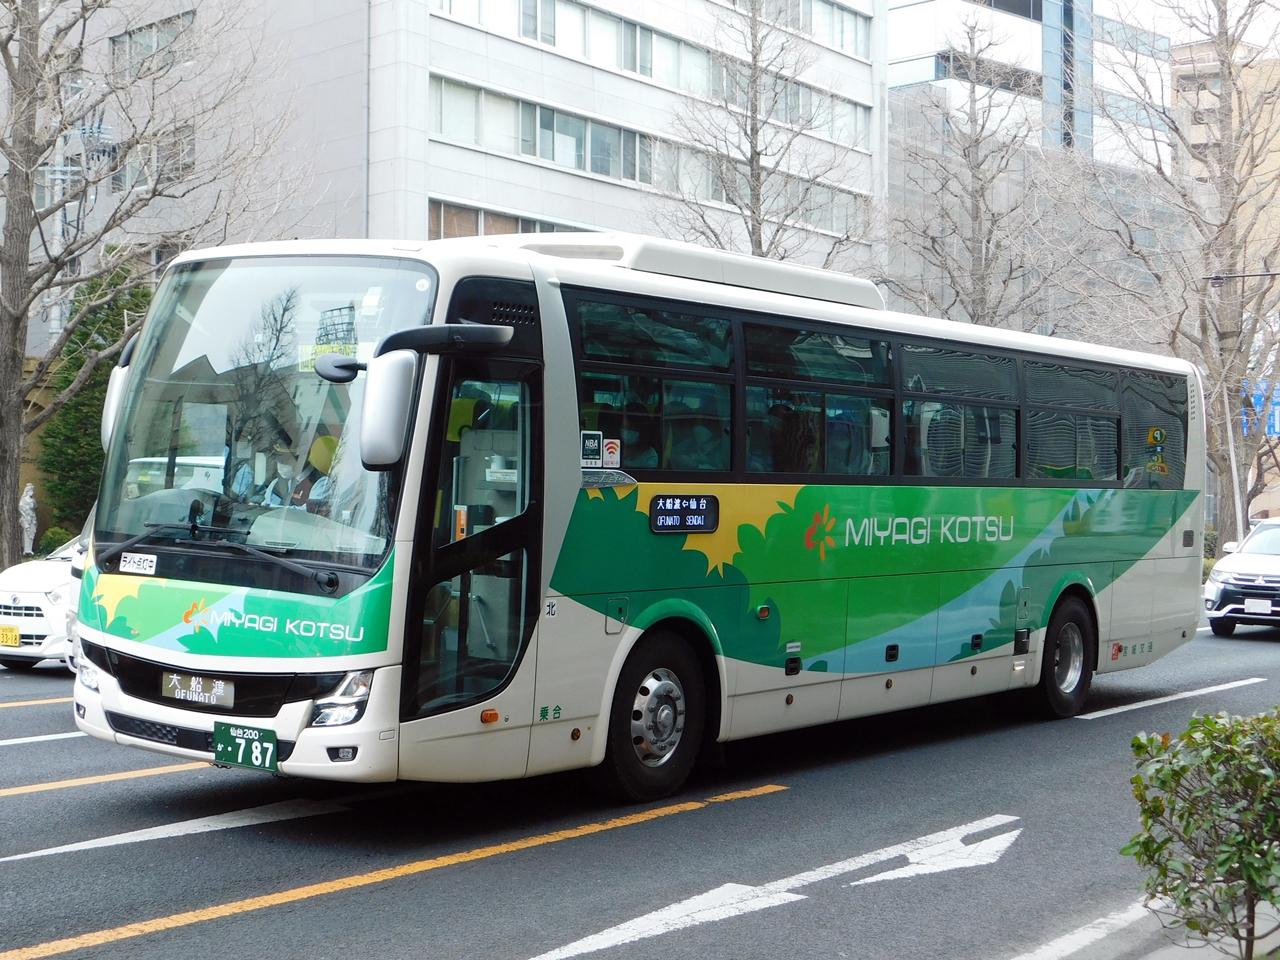 仙台 どこ バス